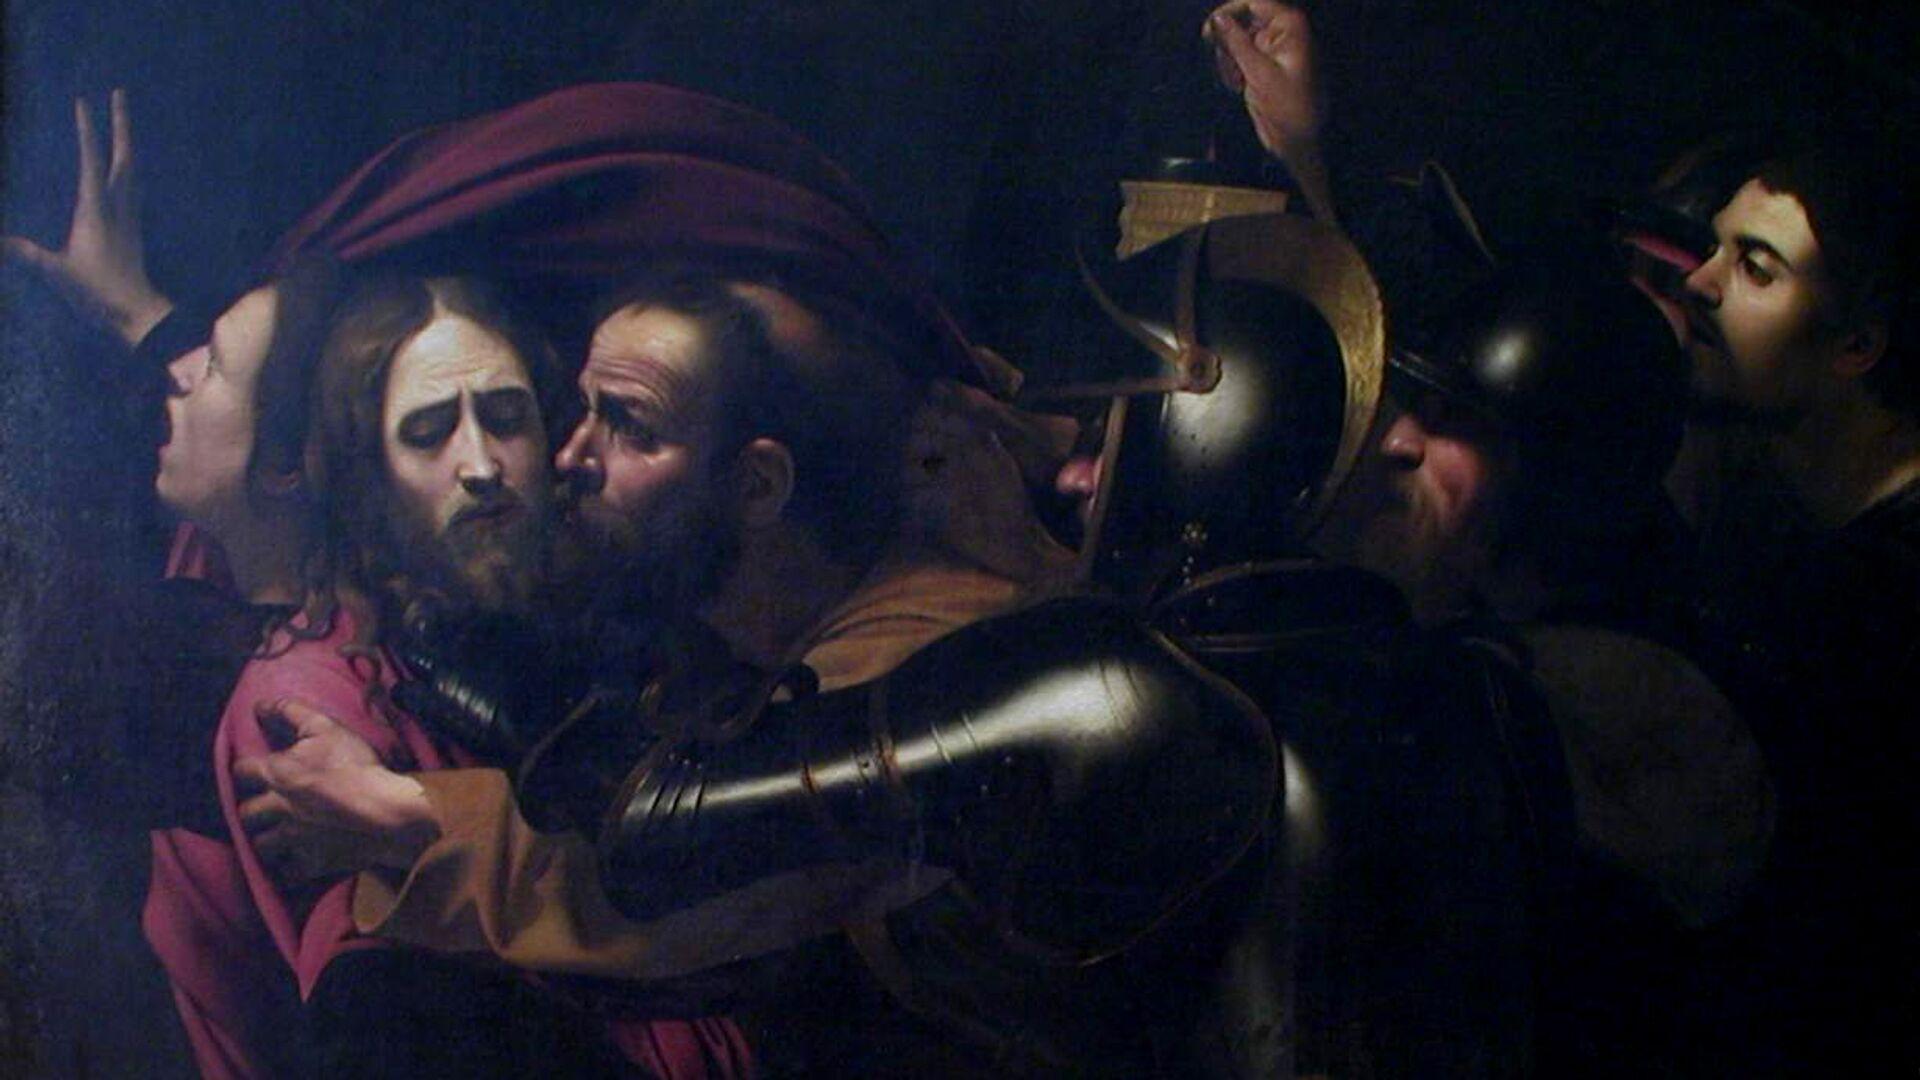 Микеланджело да Караваджо Взятие Христа под стражу, или поцелуй Иуды - РИА Новости, 1920, 16.09.2020